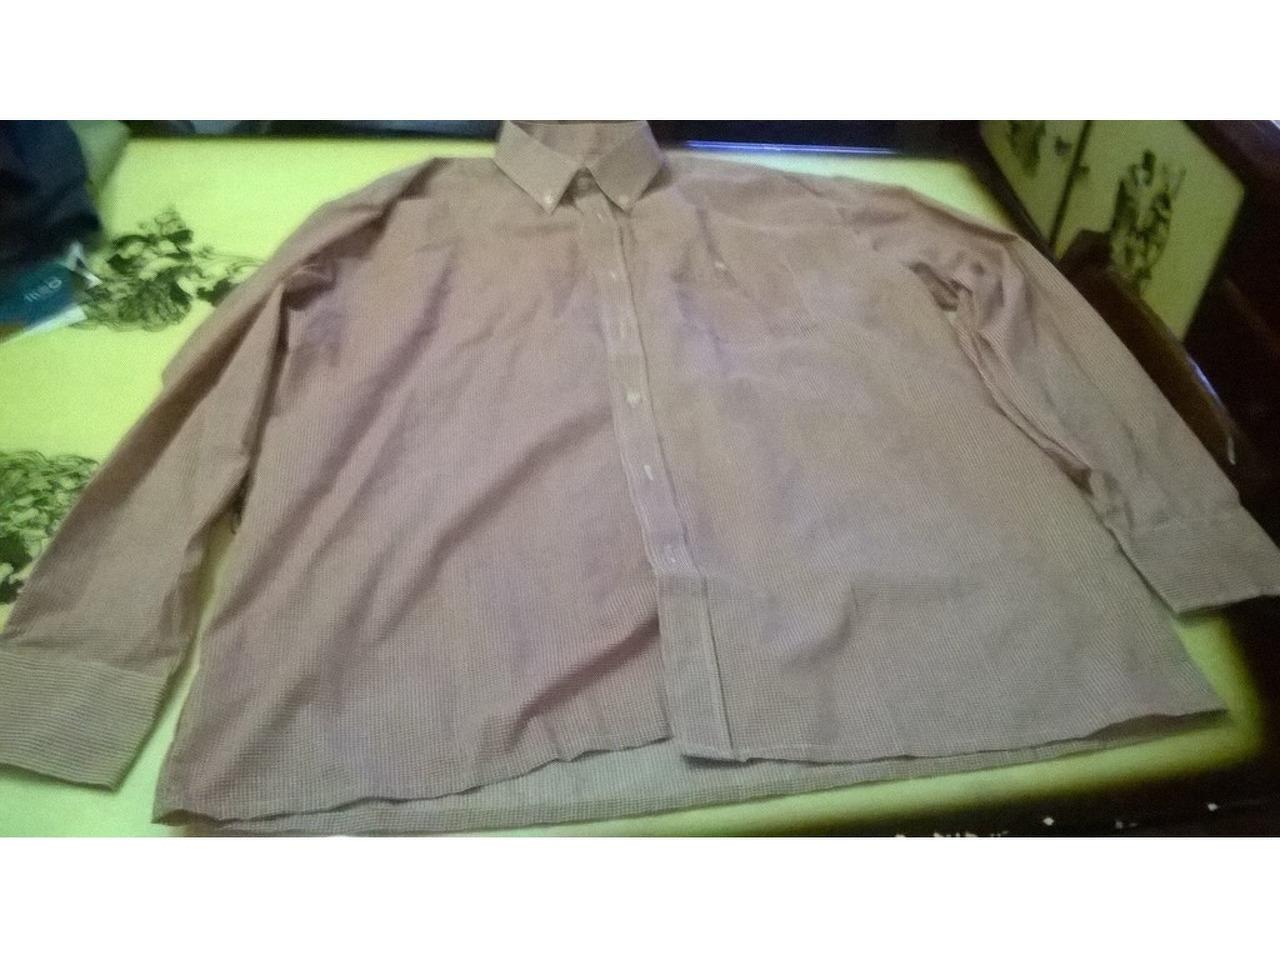 Camisas Califa, Barred's, G.Fellini, A.Milano, etc - 7/7